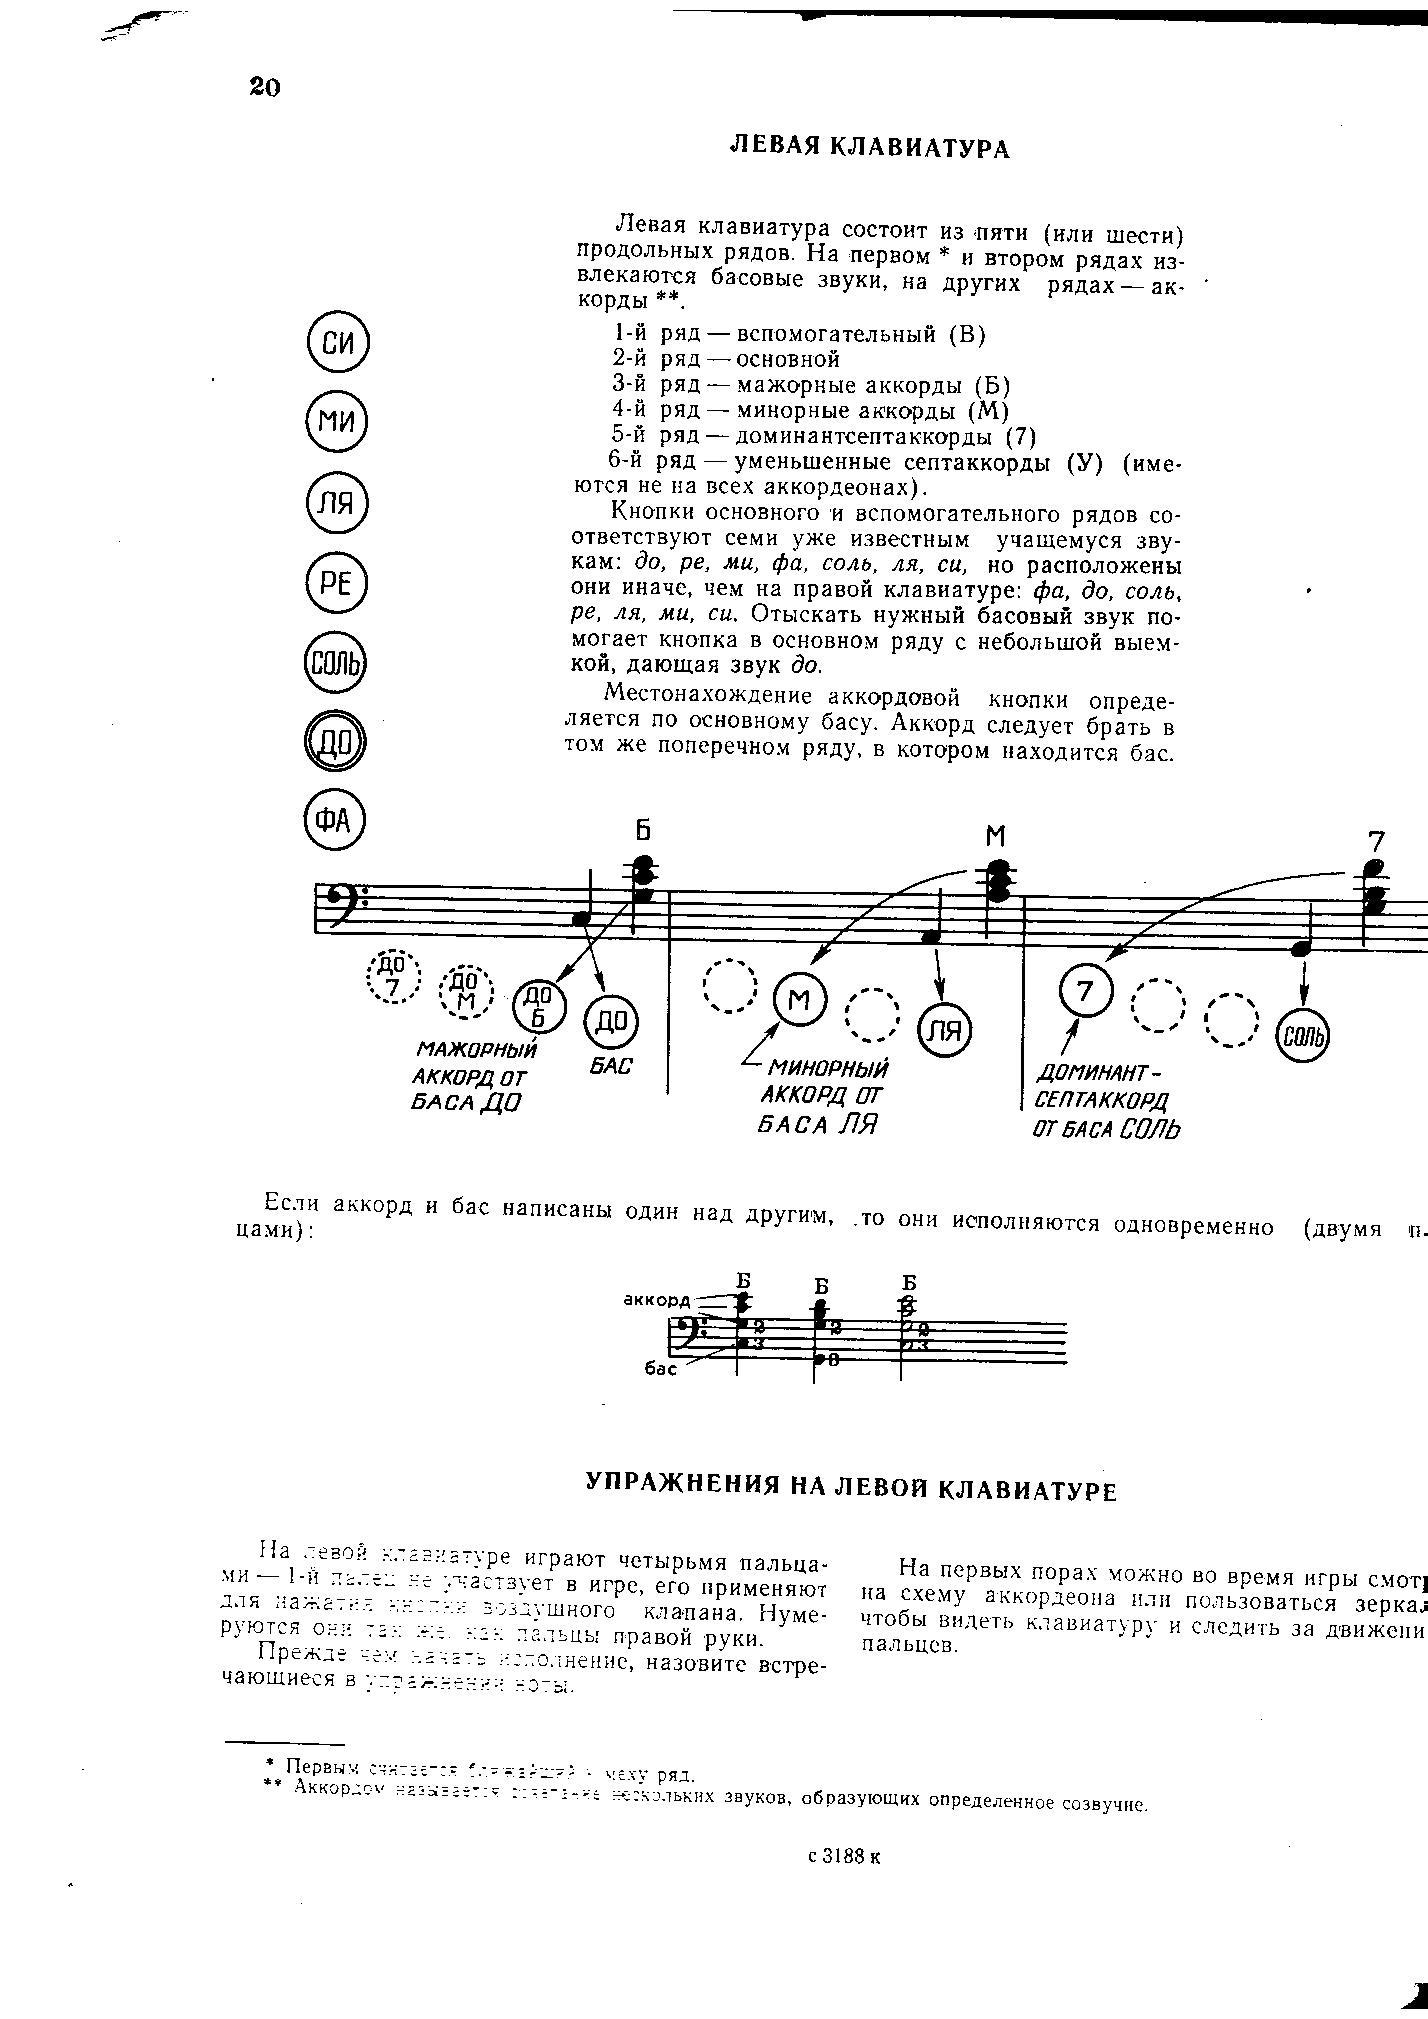 C:\Documents and Settings\User\Мои документы\Мои рисунки\2011-09-14\Scan20004.TIF